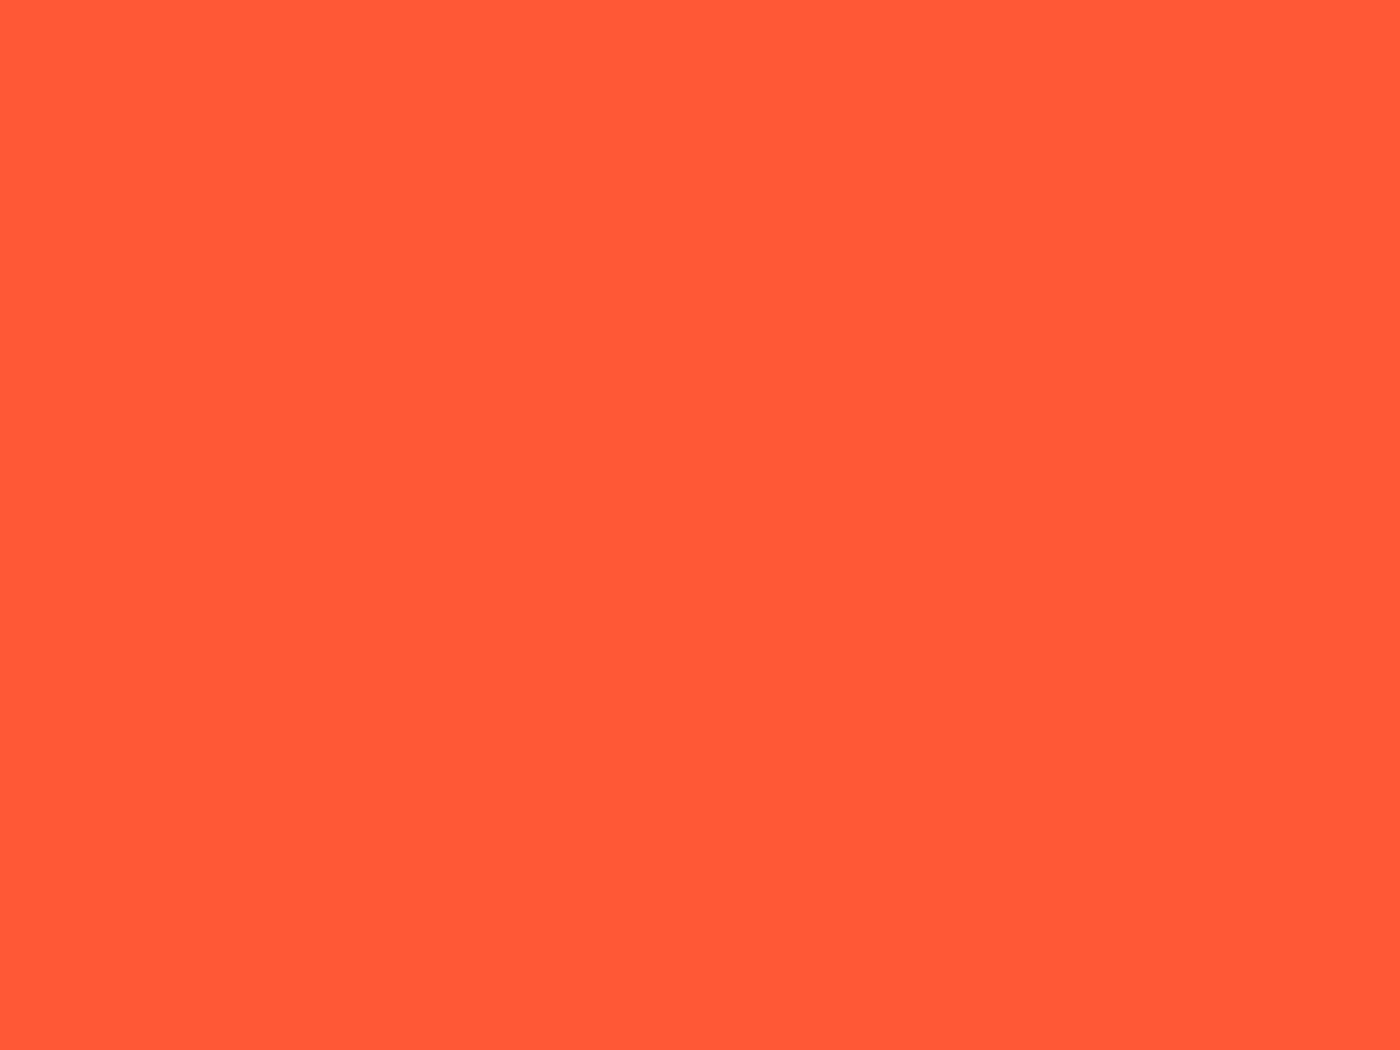 1400x1050 Portland Orange Solid Color Background